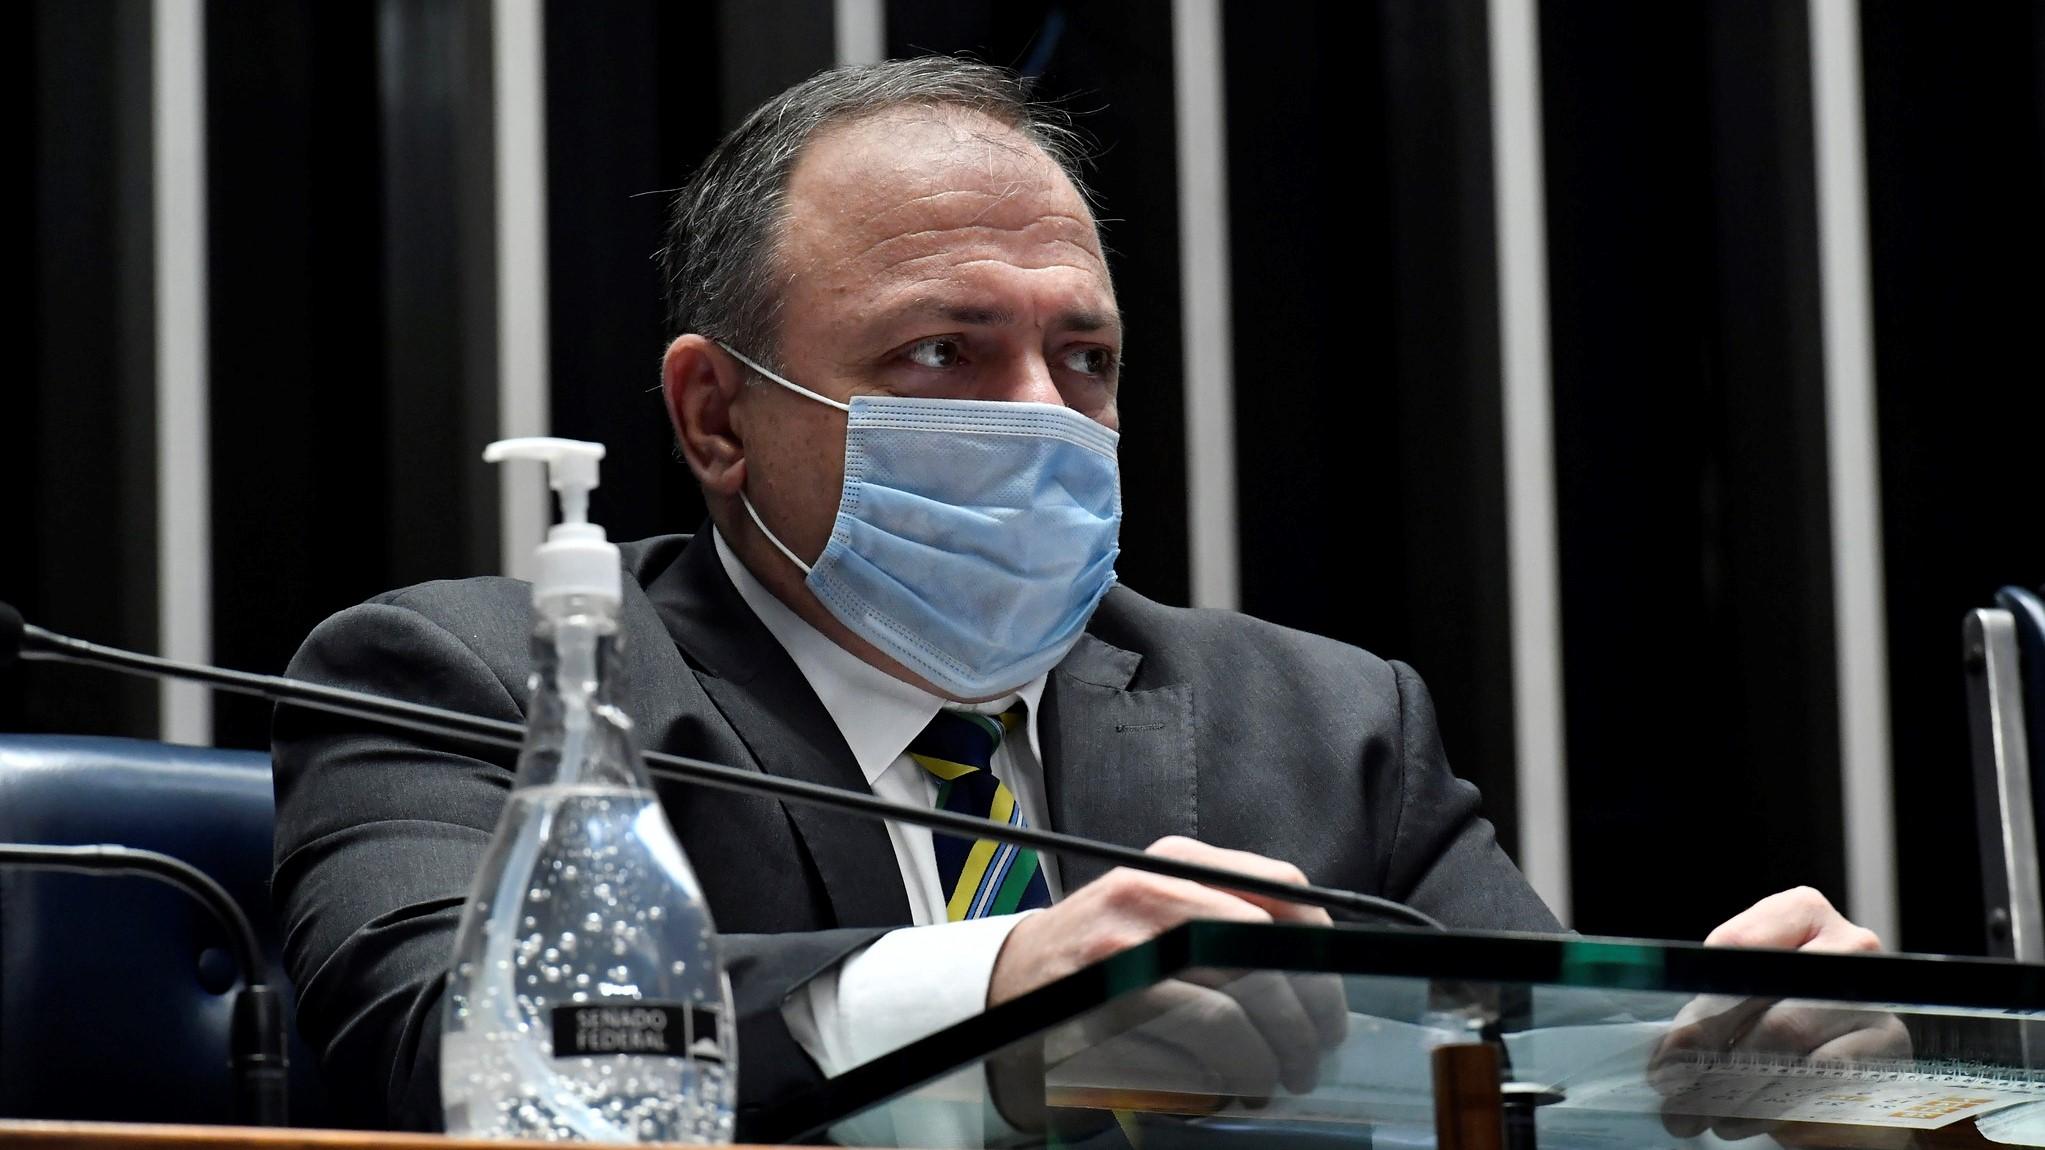 IMAGEM: Pazuello agiu com irresponsabilidade criminosa, diz presidente do Conselho Nacional de Saúde